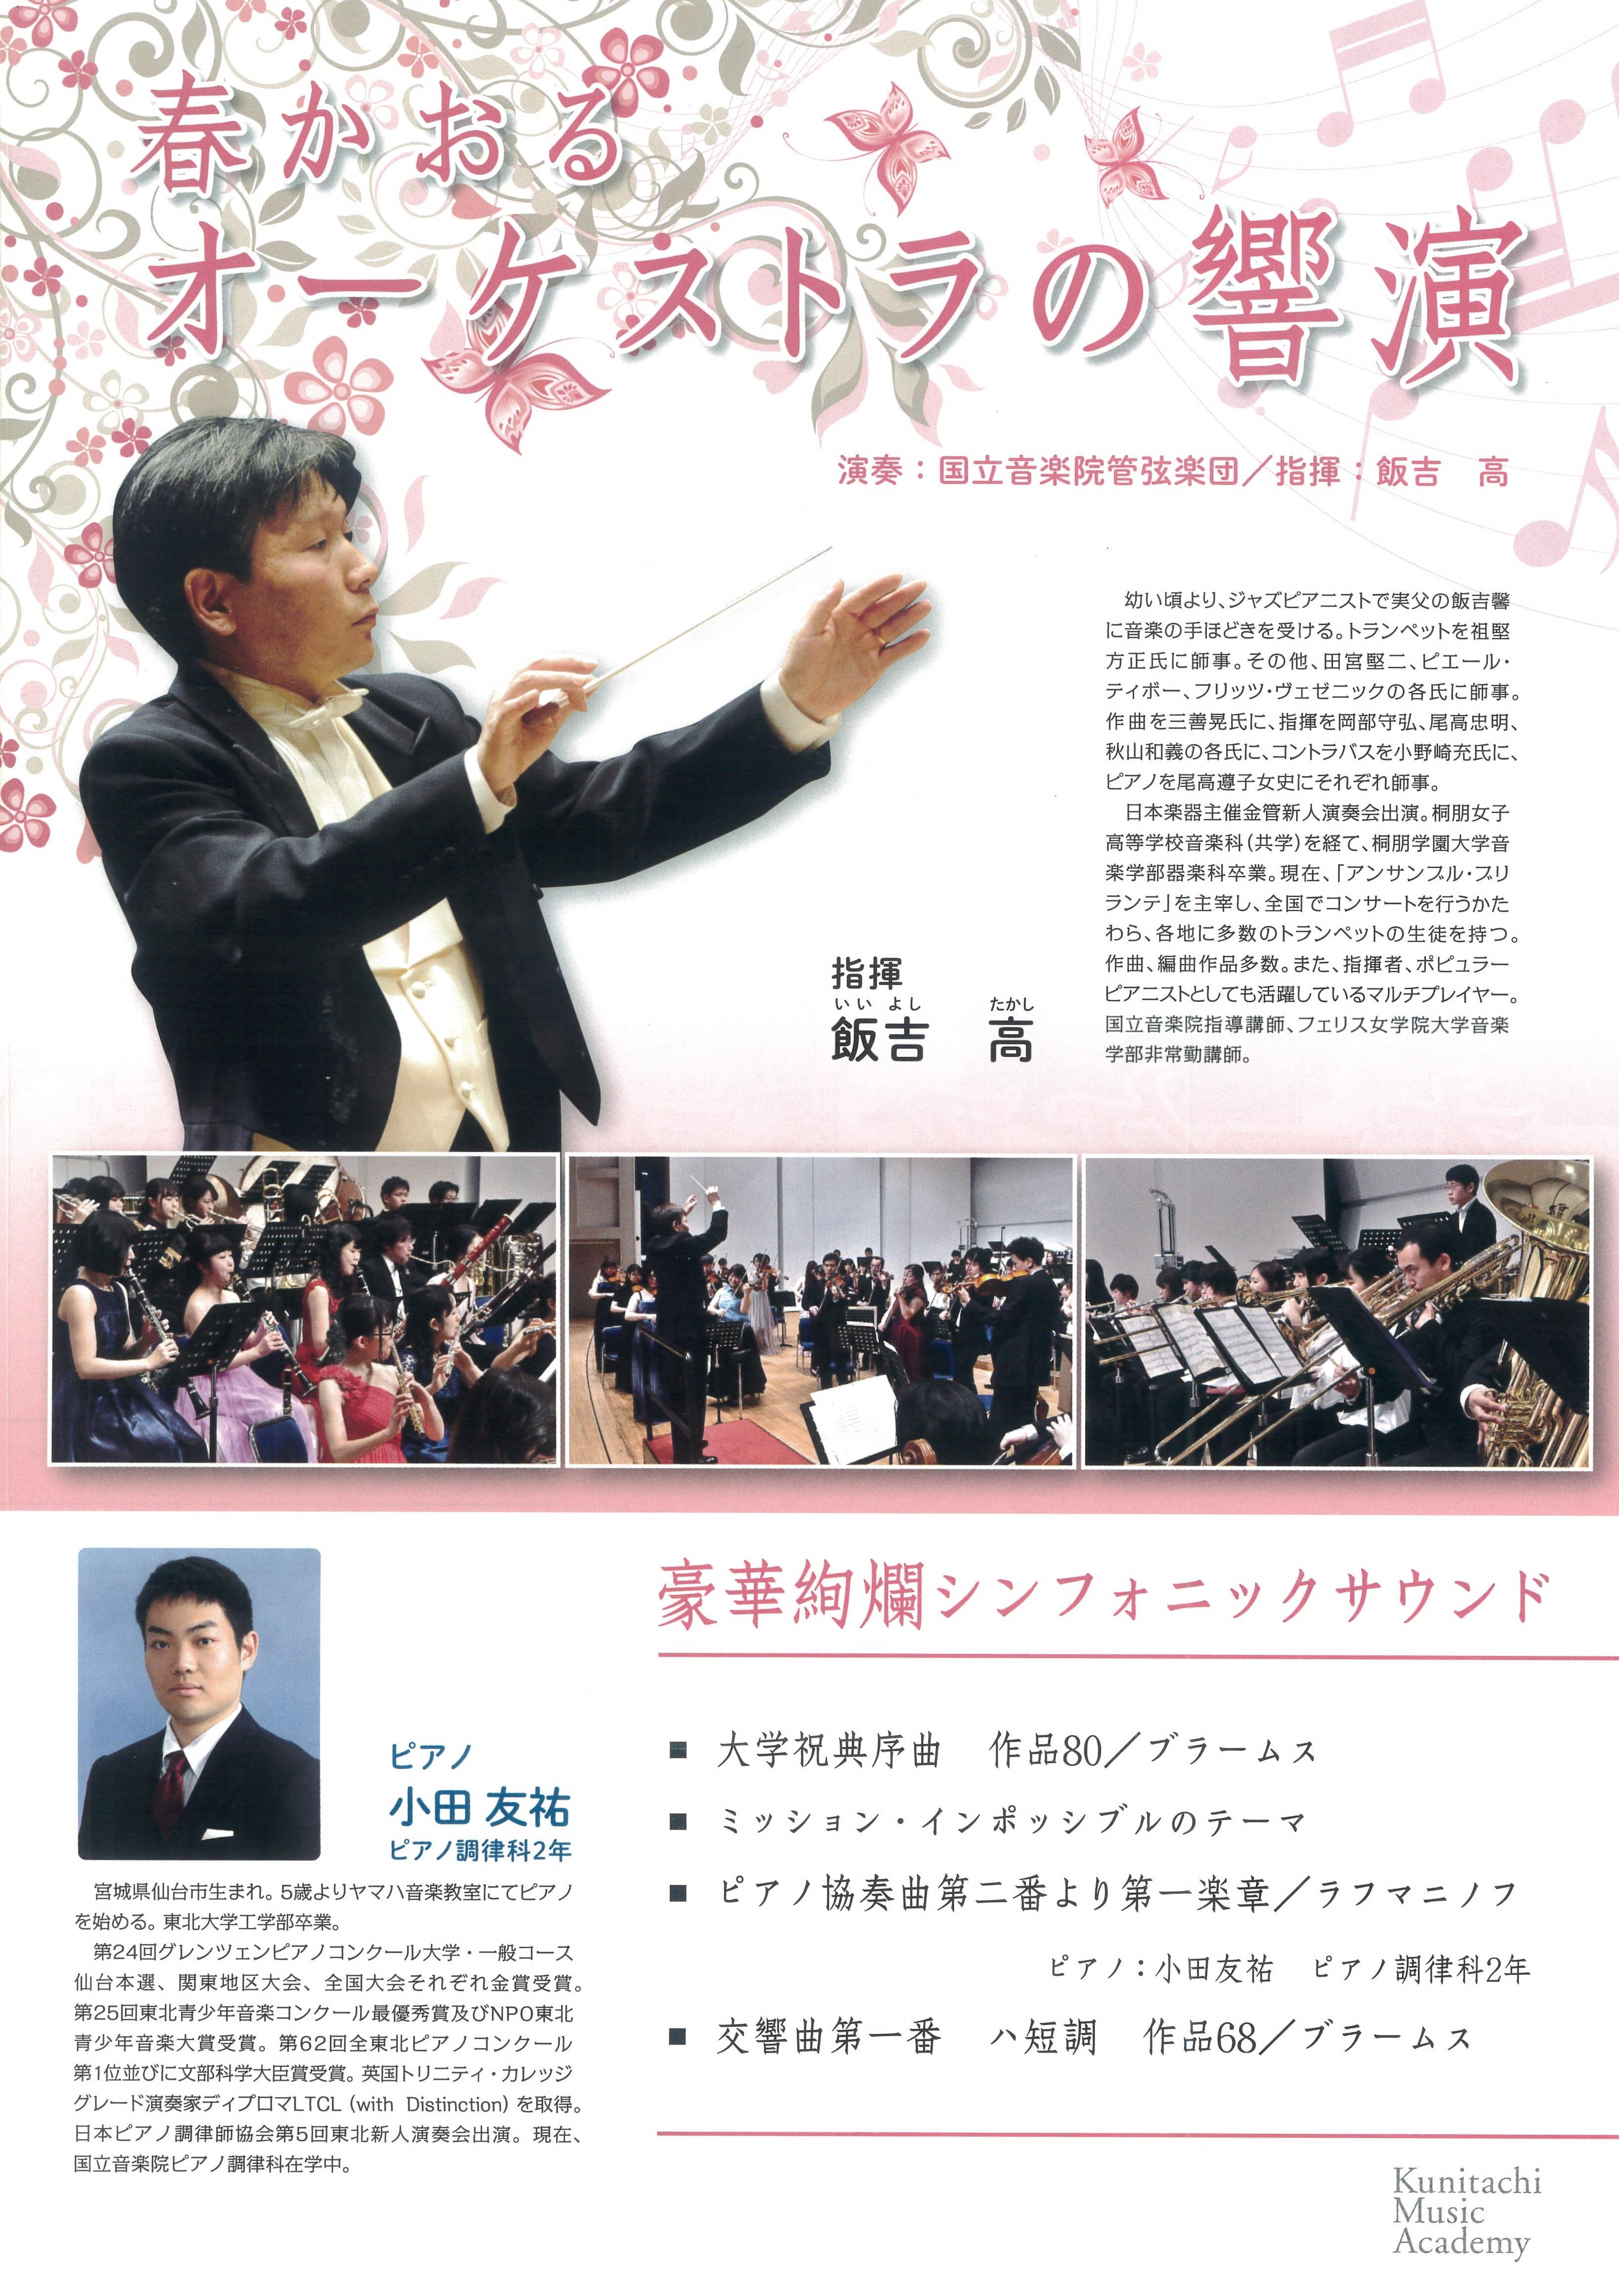 春かおるオーケストラの響演の公演チラシ裏面。指揮を務める飯吉高やピアノコンチェルトの演奏を務めるピアノ調律科2年・小田友祐さんのプロフィールのほか、演奏予定のプログラムを掲載。